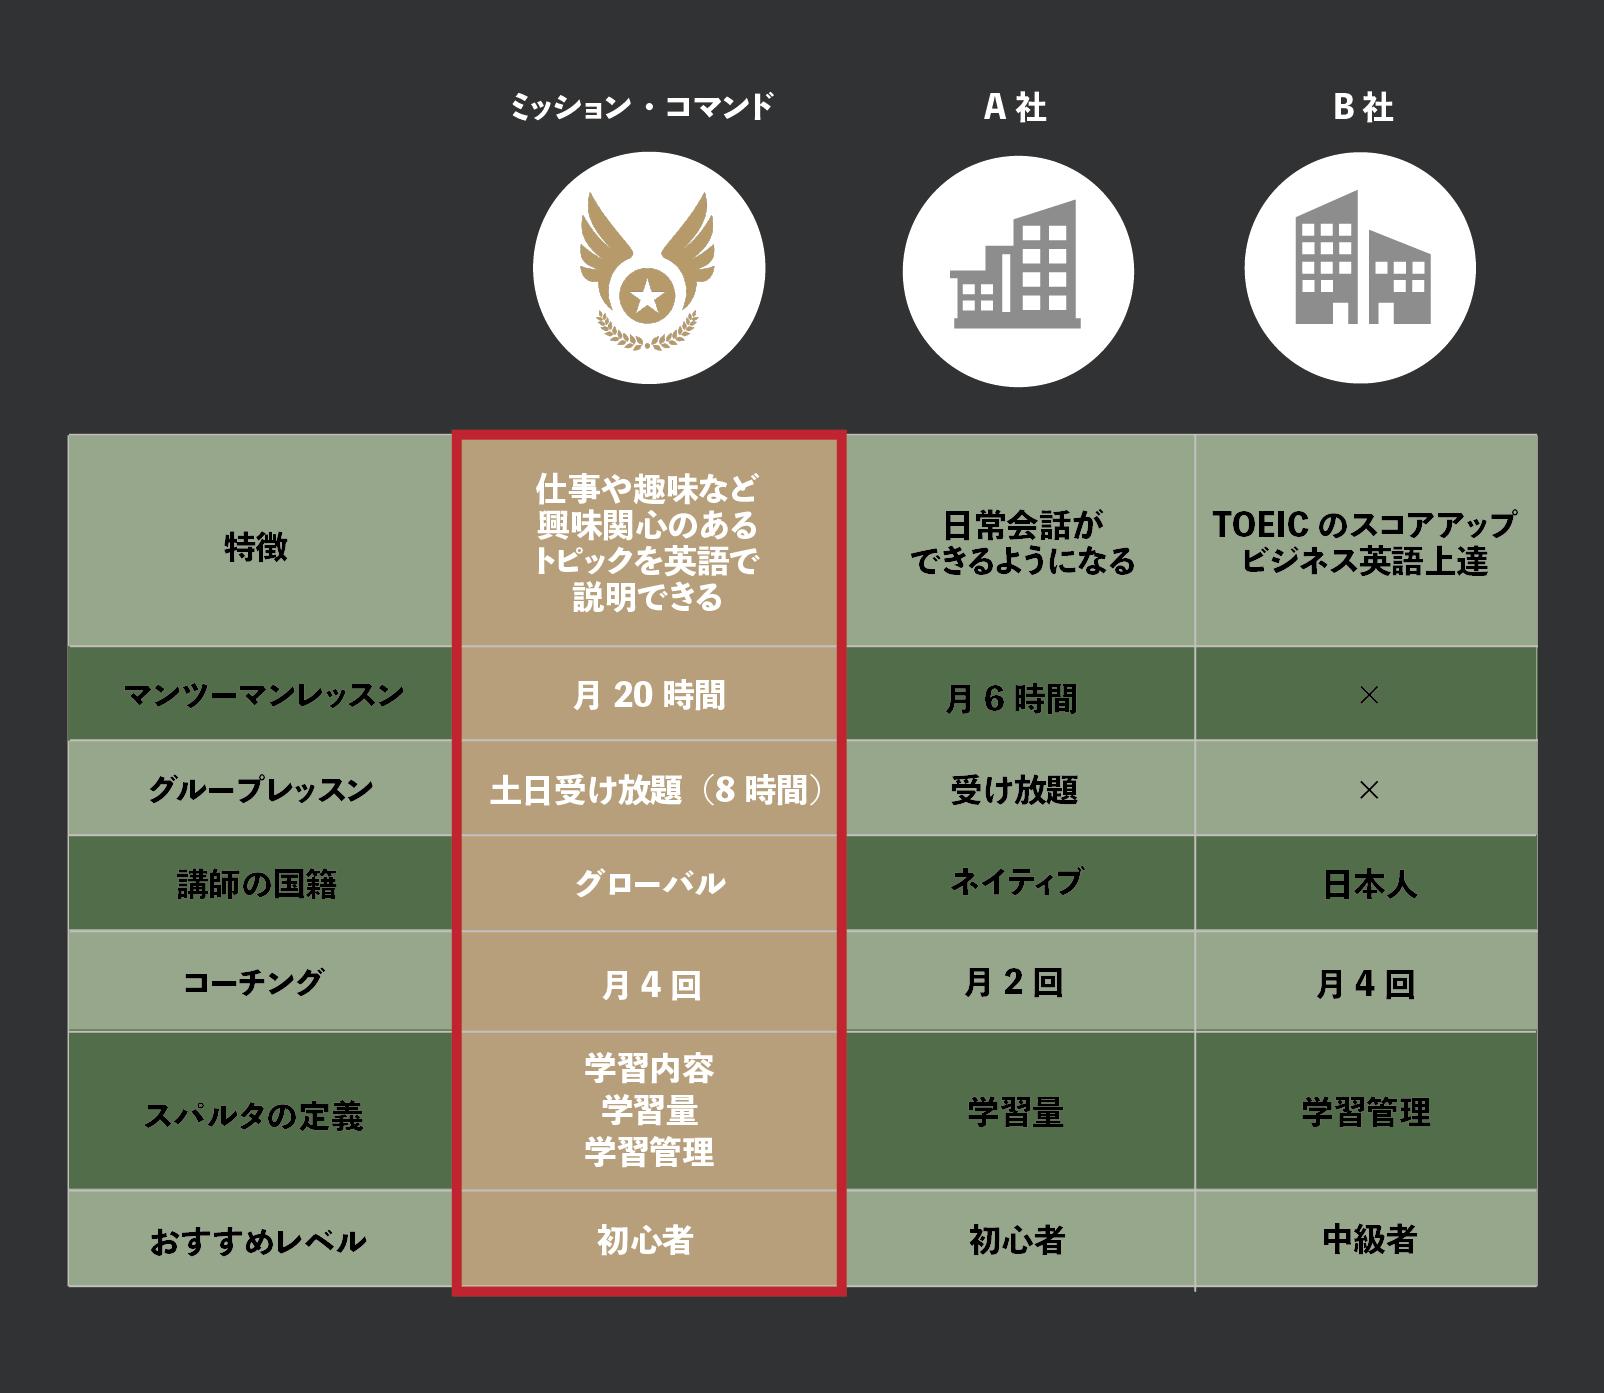 スパルタ英会話の他社比較表